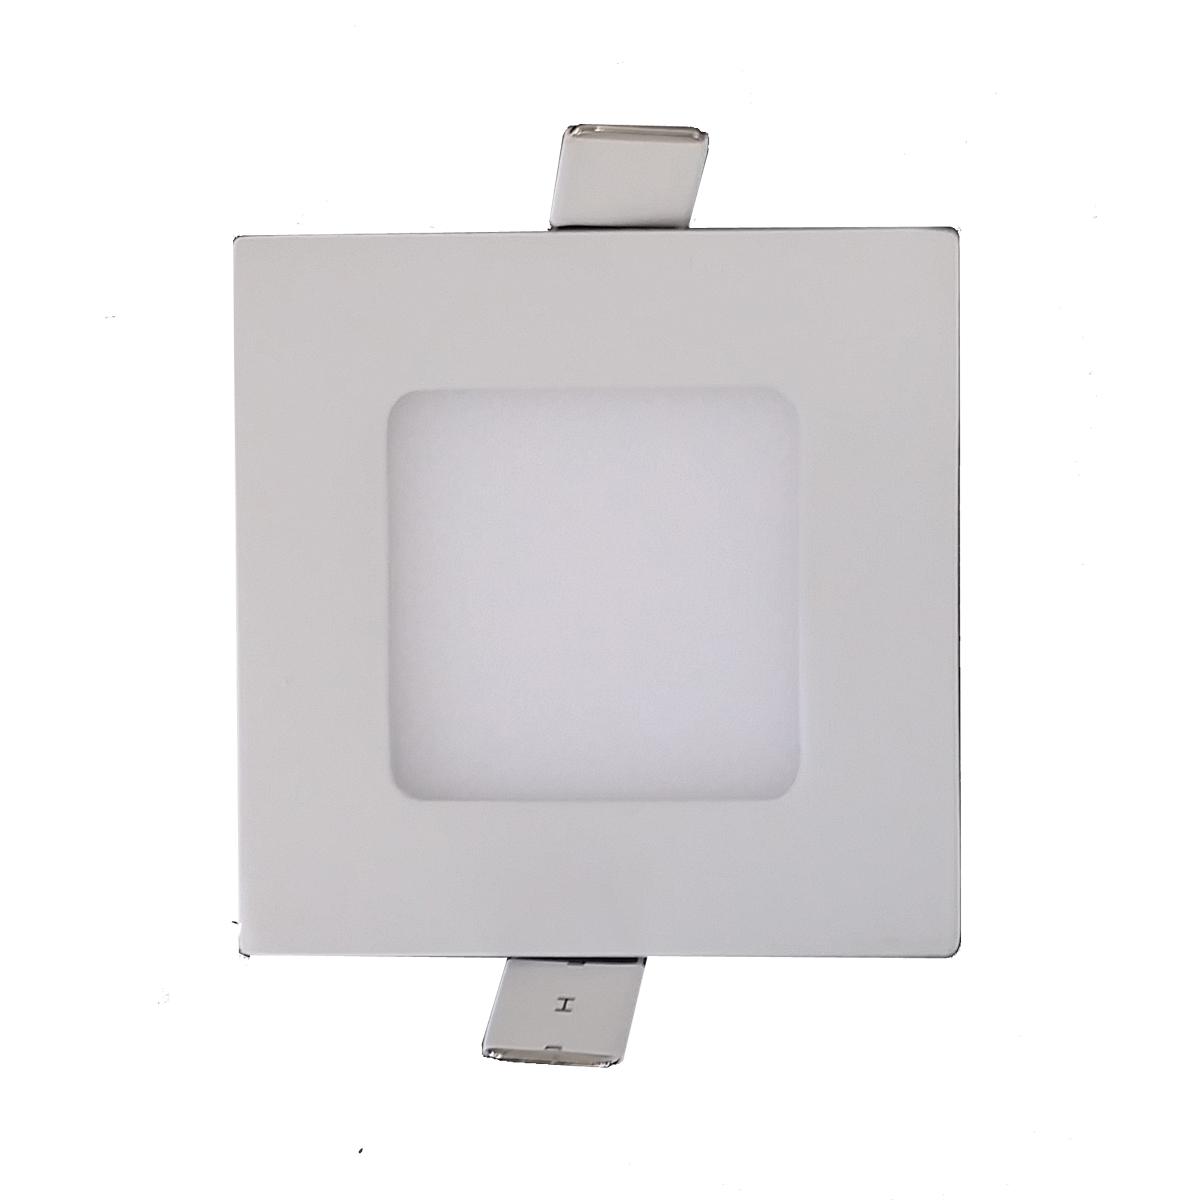 LED Square Step Light White - LEDSTPWHSQR